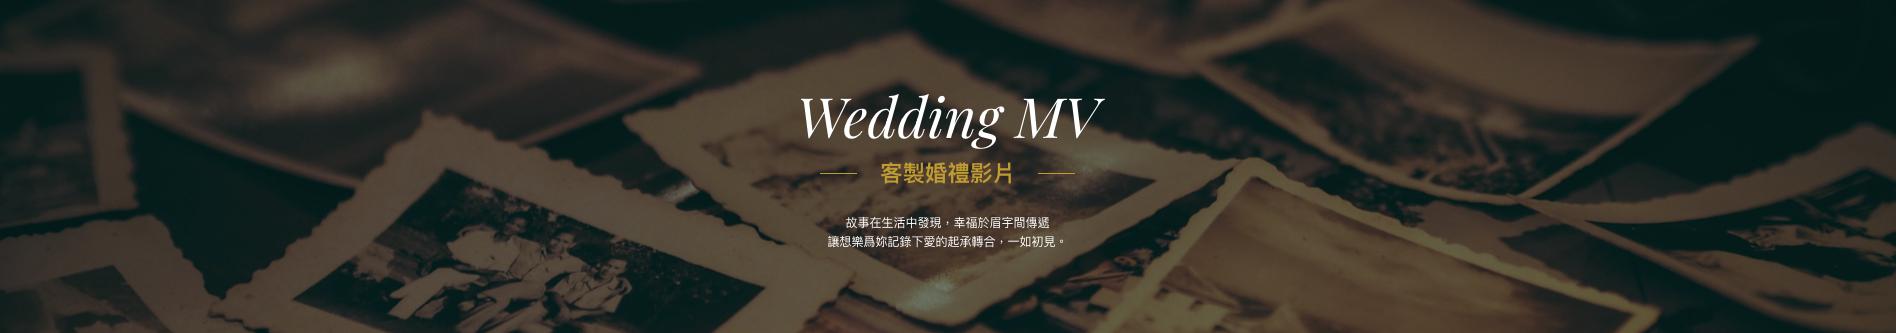 婚禮影片bn